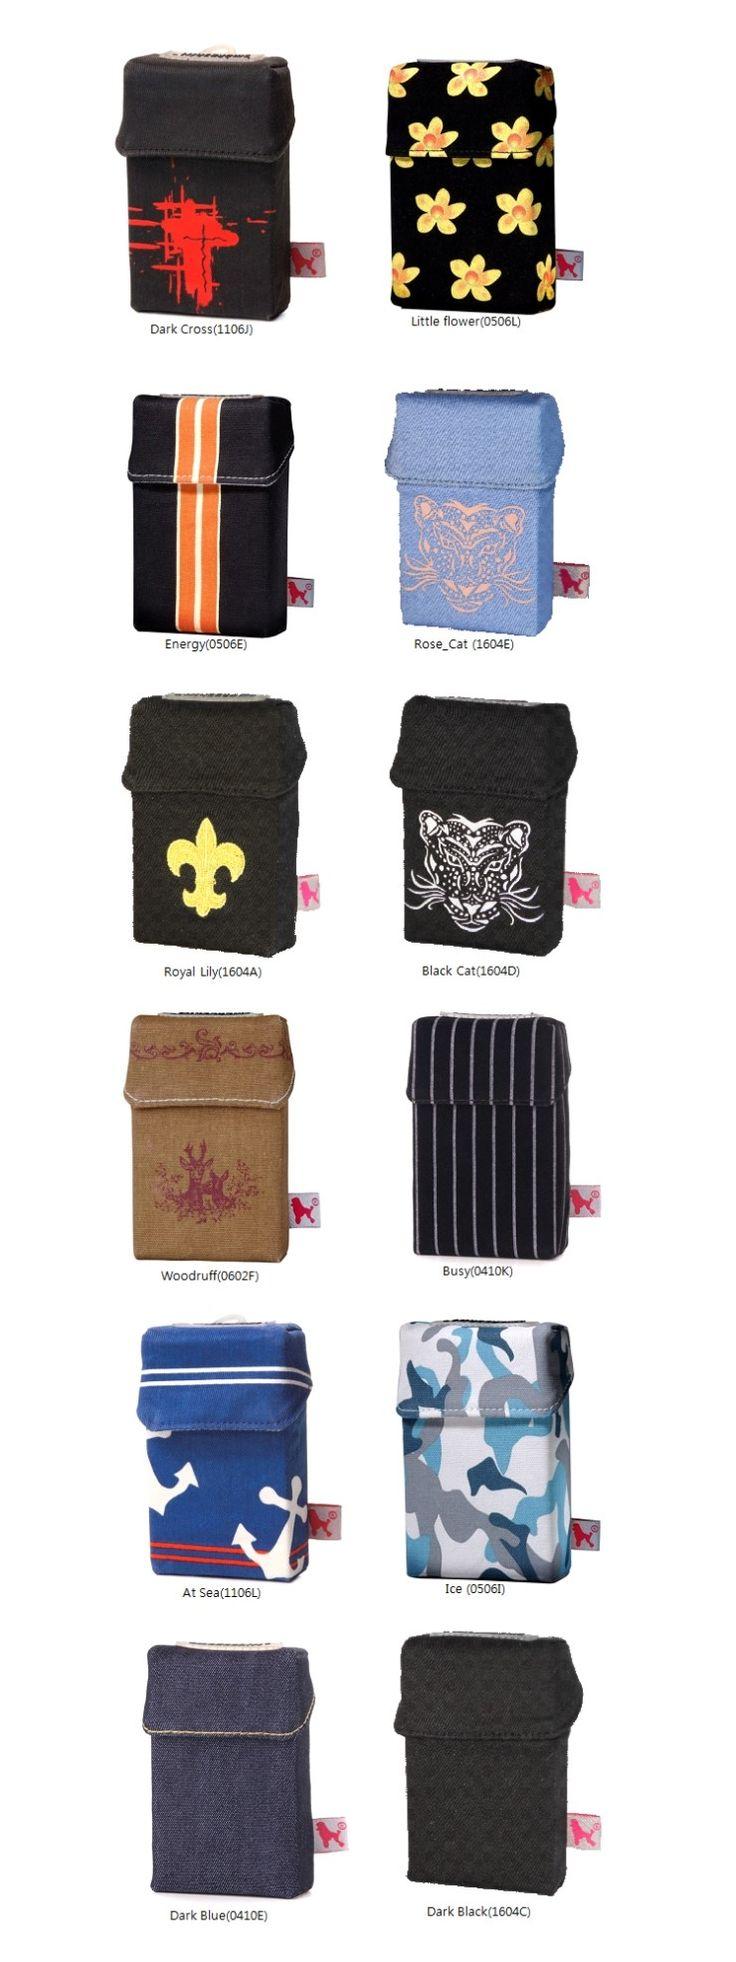 담배케이스 스모크셔츠, 36가지 골라 입히는 재미, 패브릭/가죽 소재